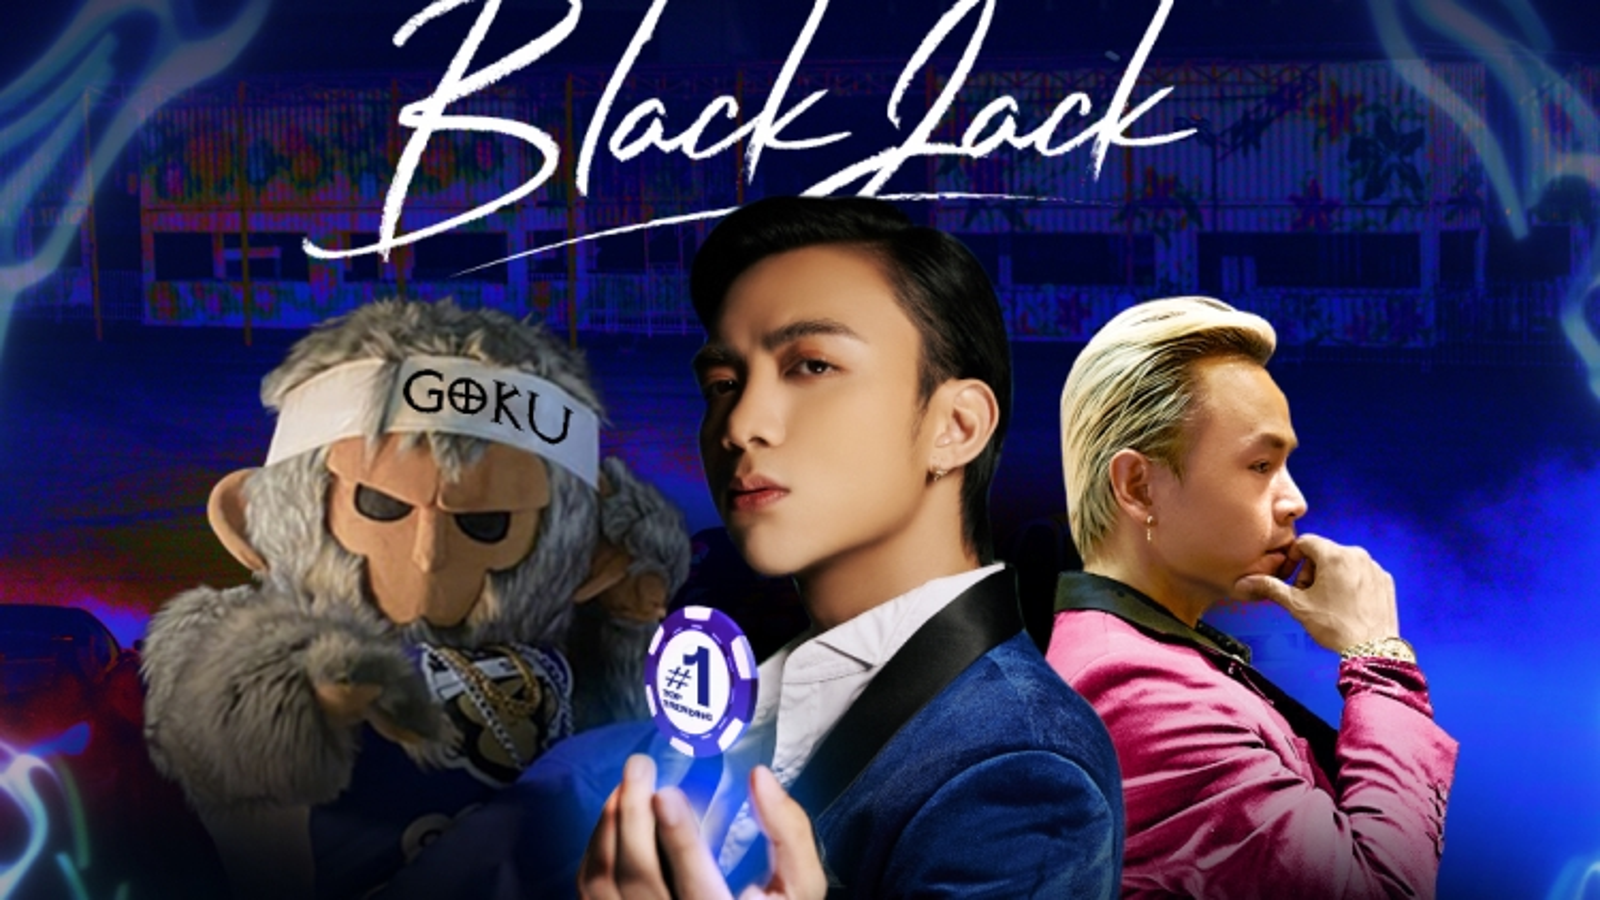 """Thay đổi hình tượng dân chơi, Soobin và Binz giành top 1 trending với """"BlackJack"""""""